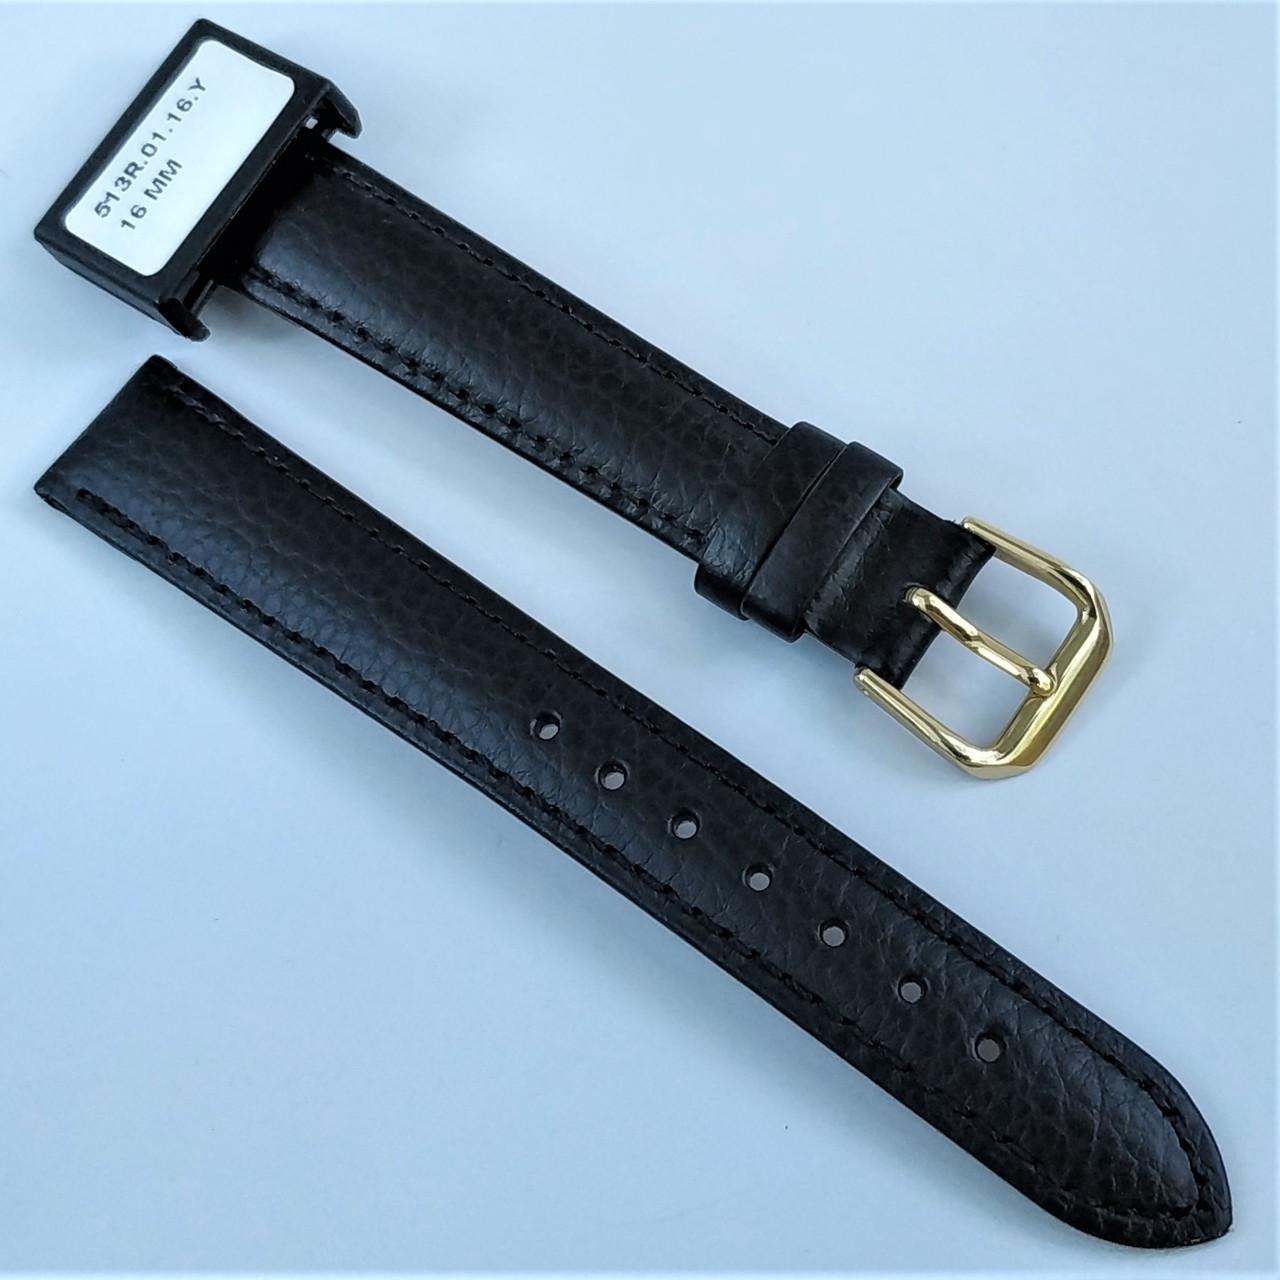 16 мм Кожаный Ремешок для часов CONDOR 513.16.01 Черный Ремешок на часы из Натуральной кожи